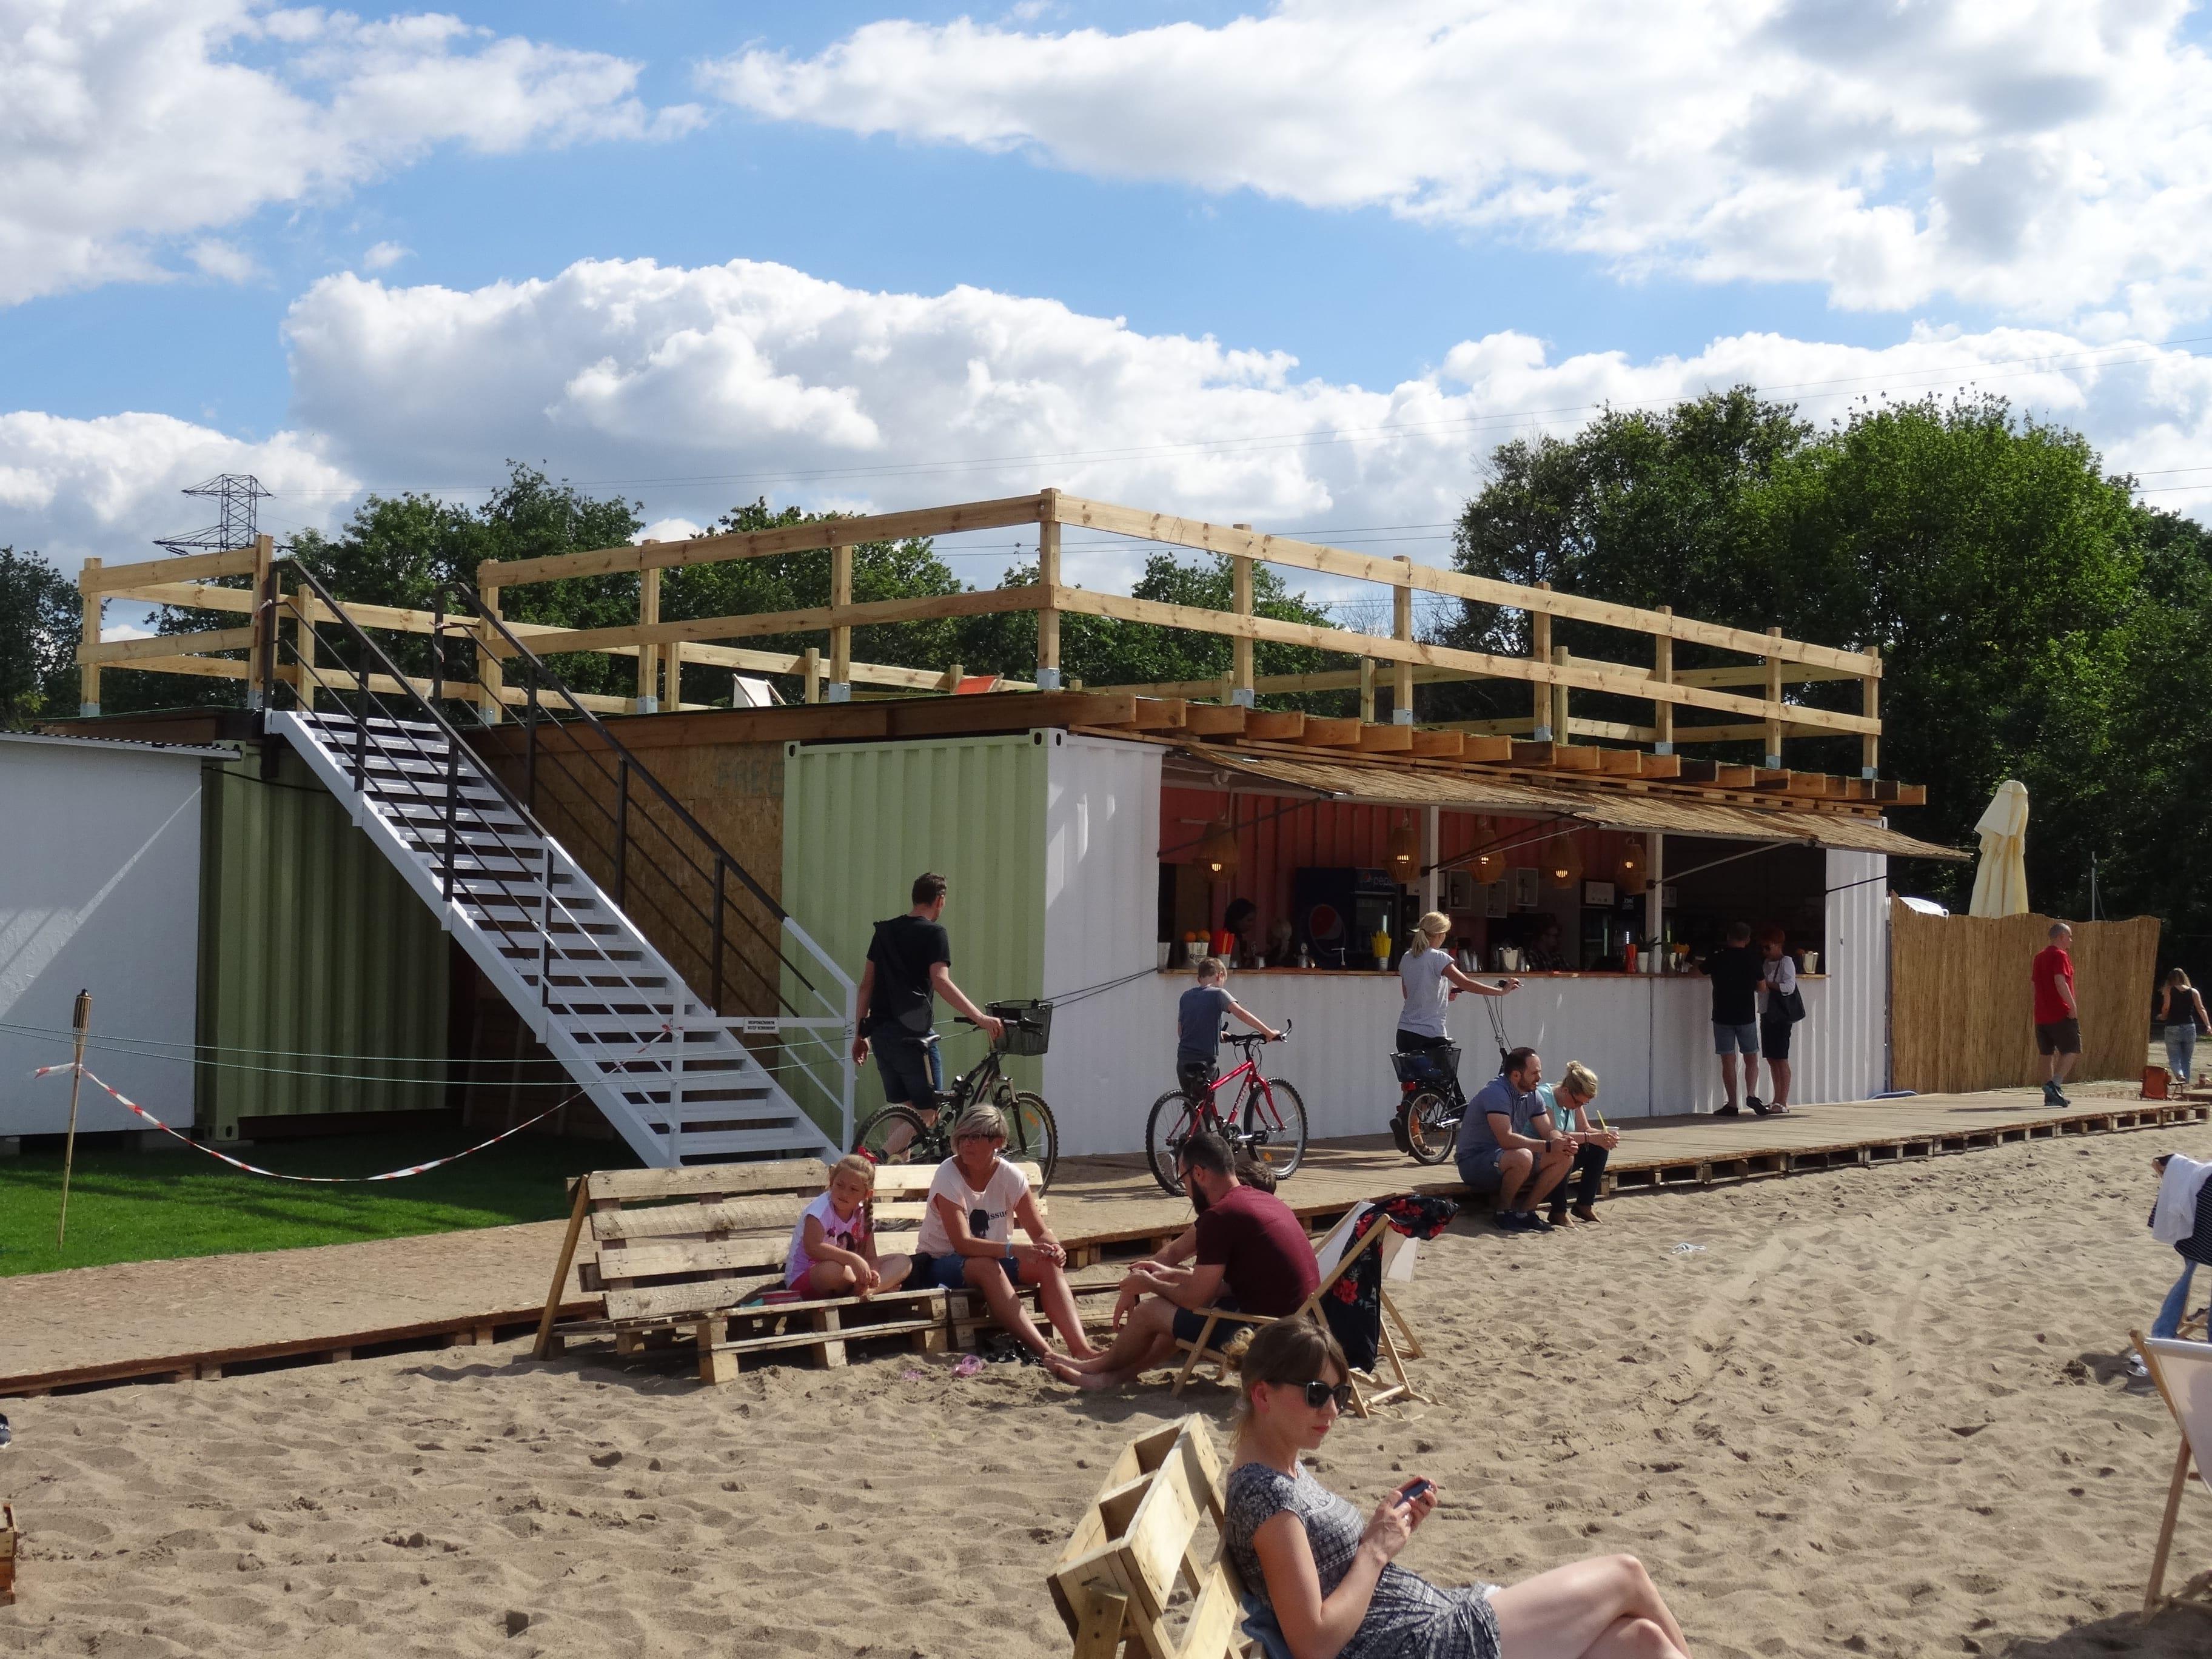 HotSpot Wrocław plaża miejska bar